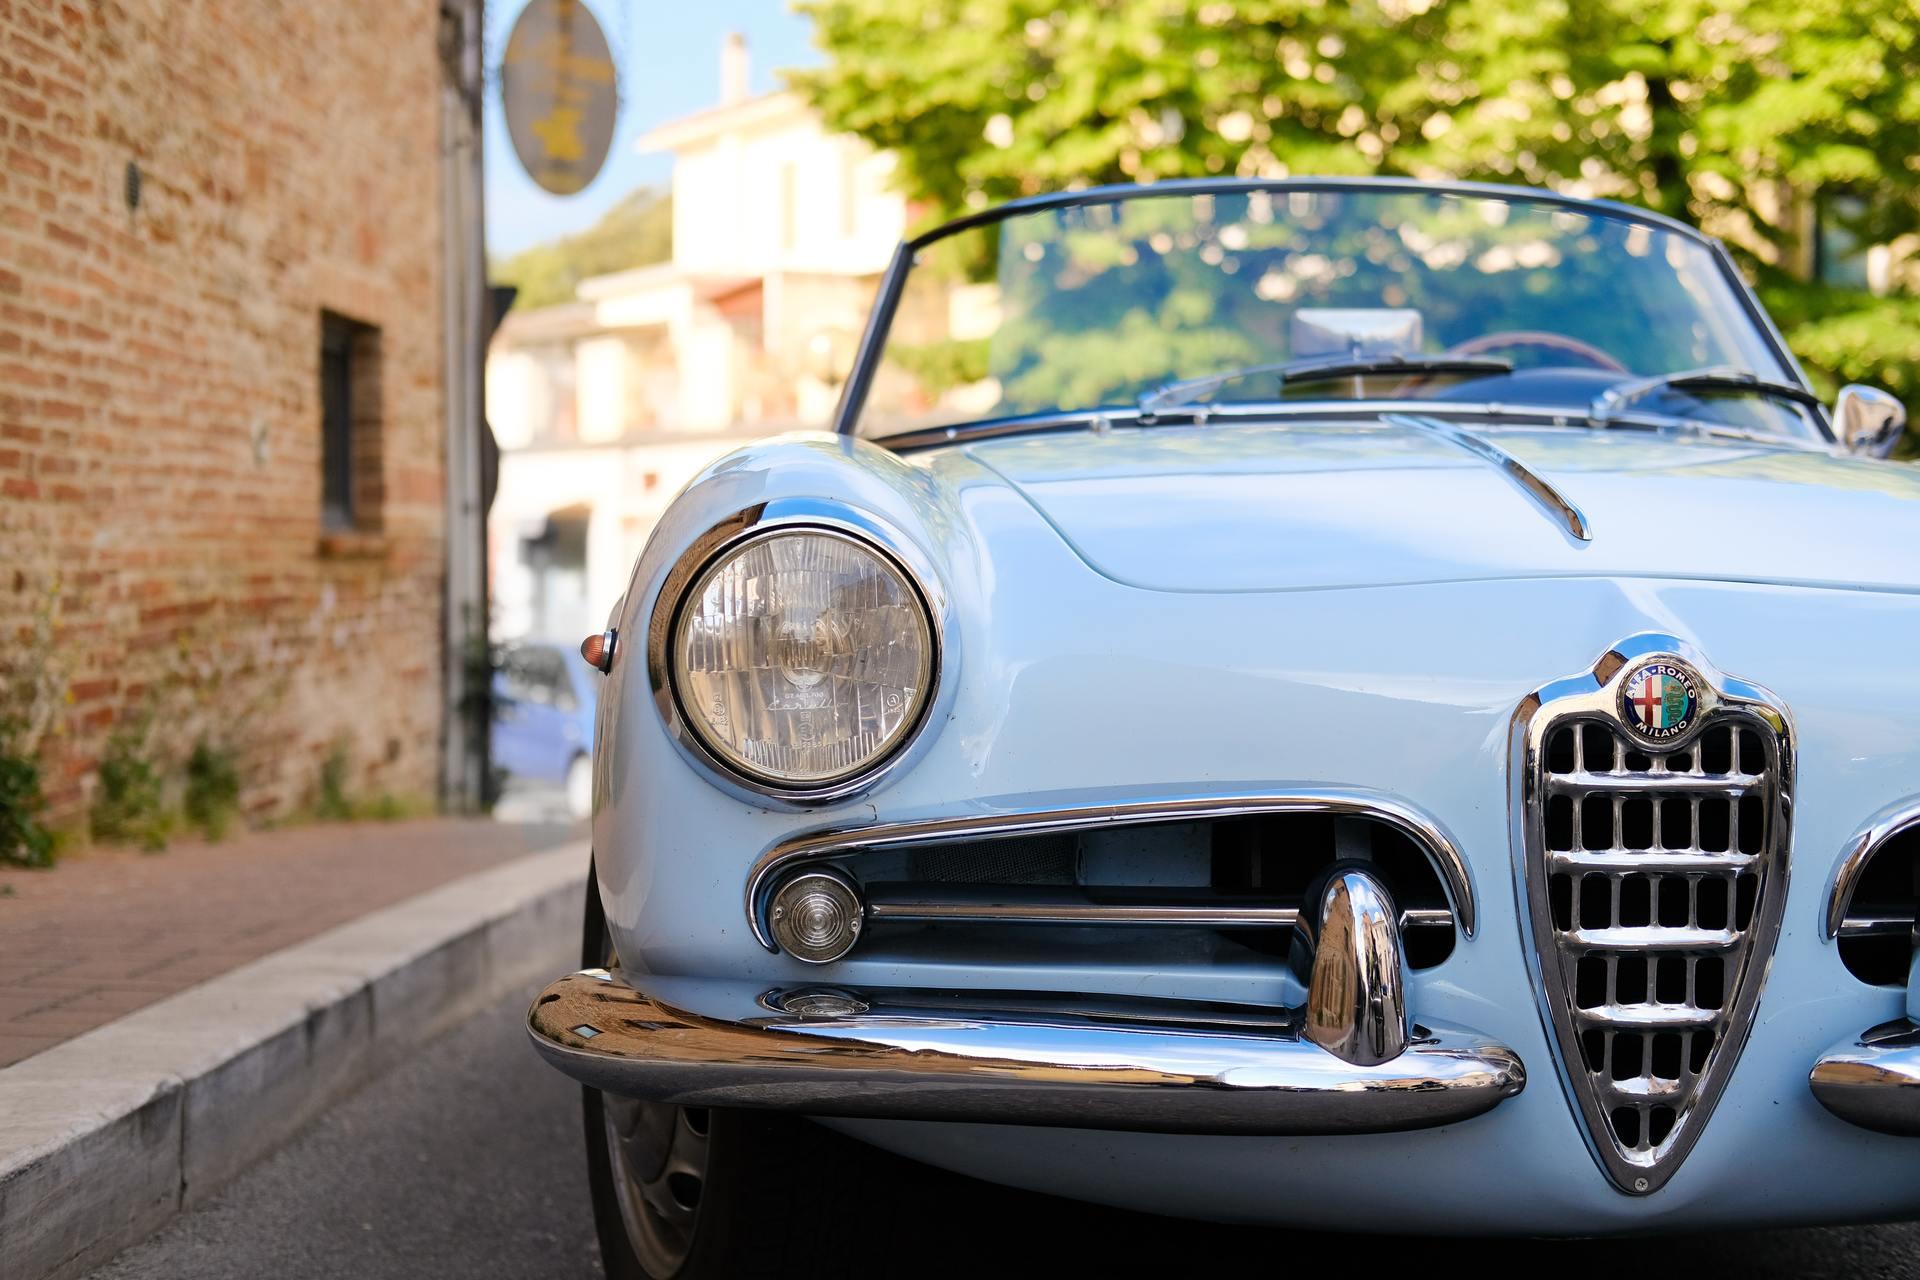 Een oude blauwe auto op straat